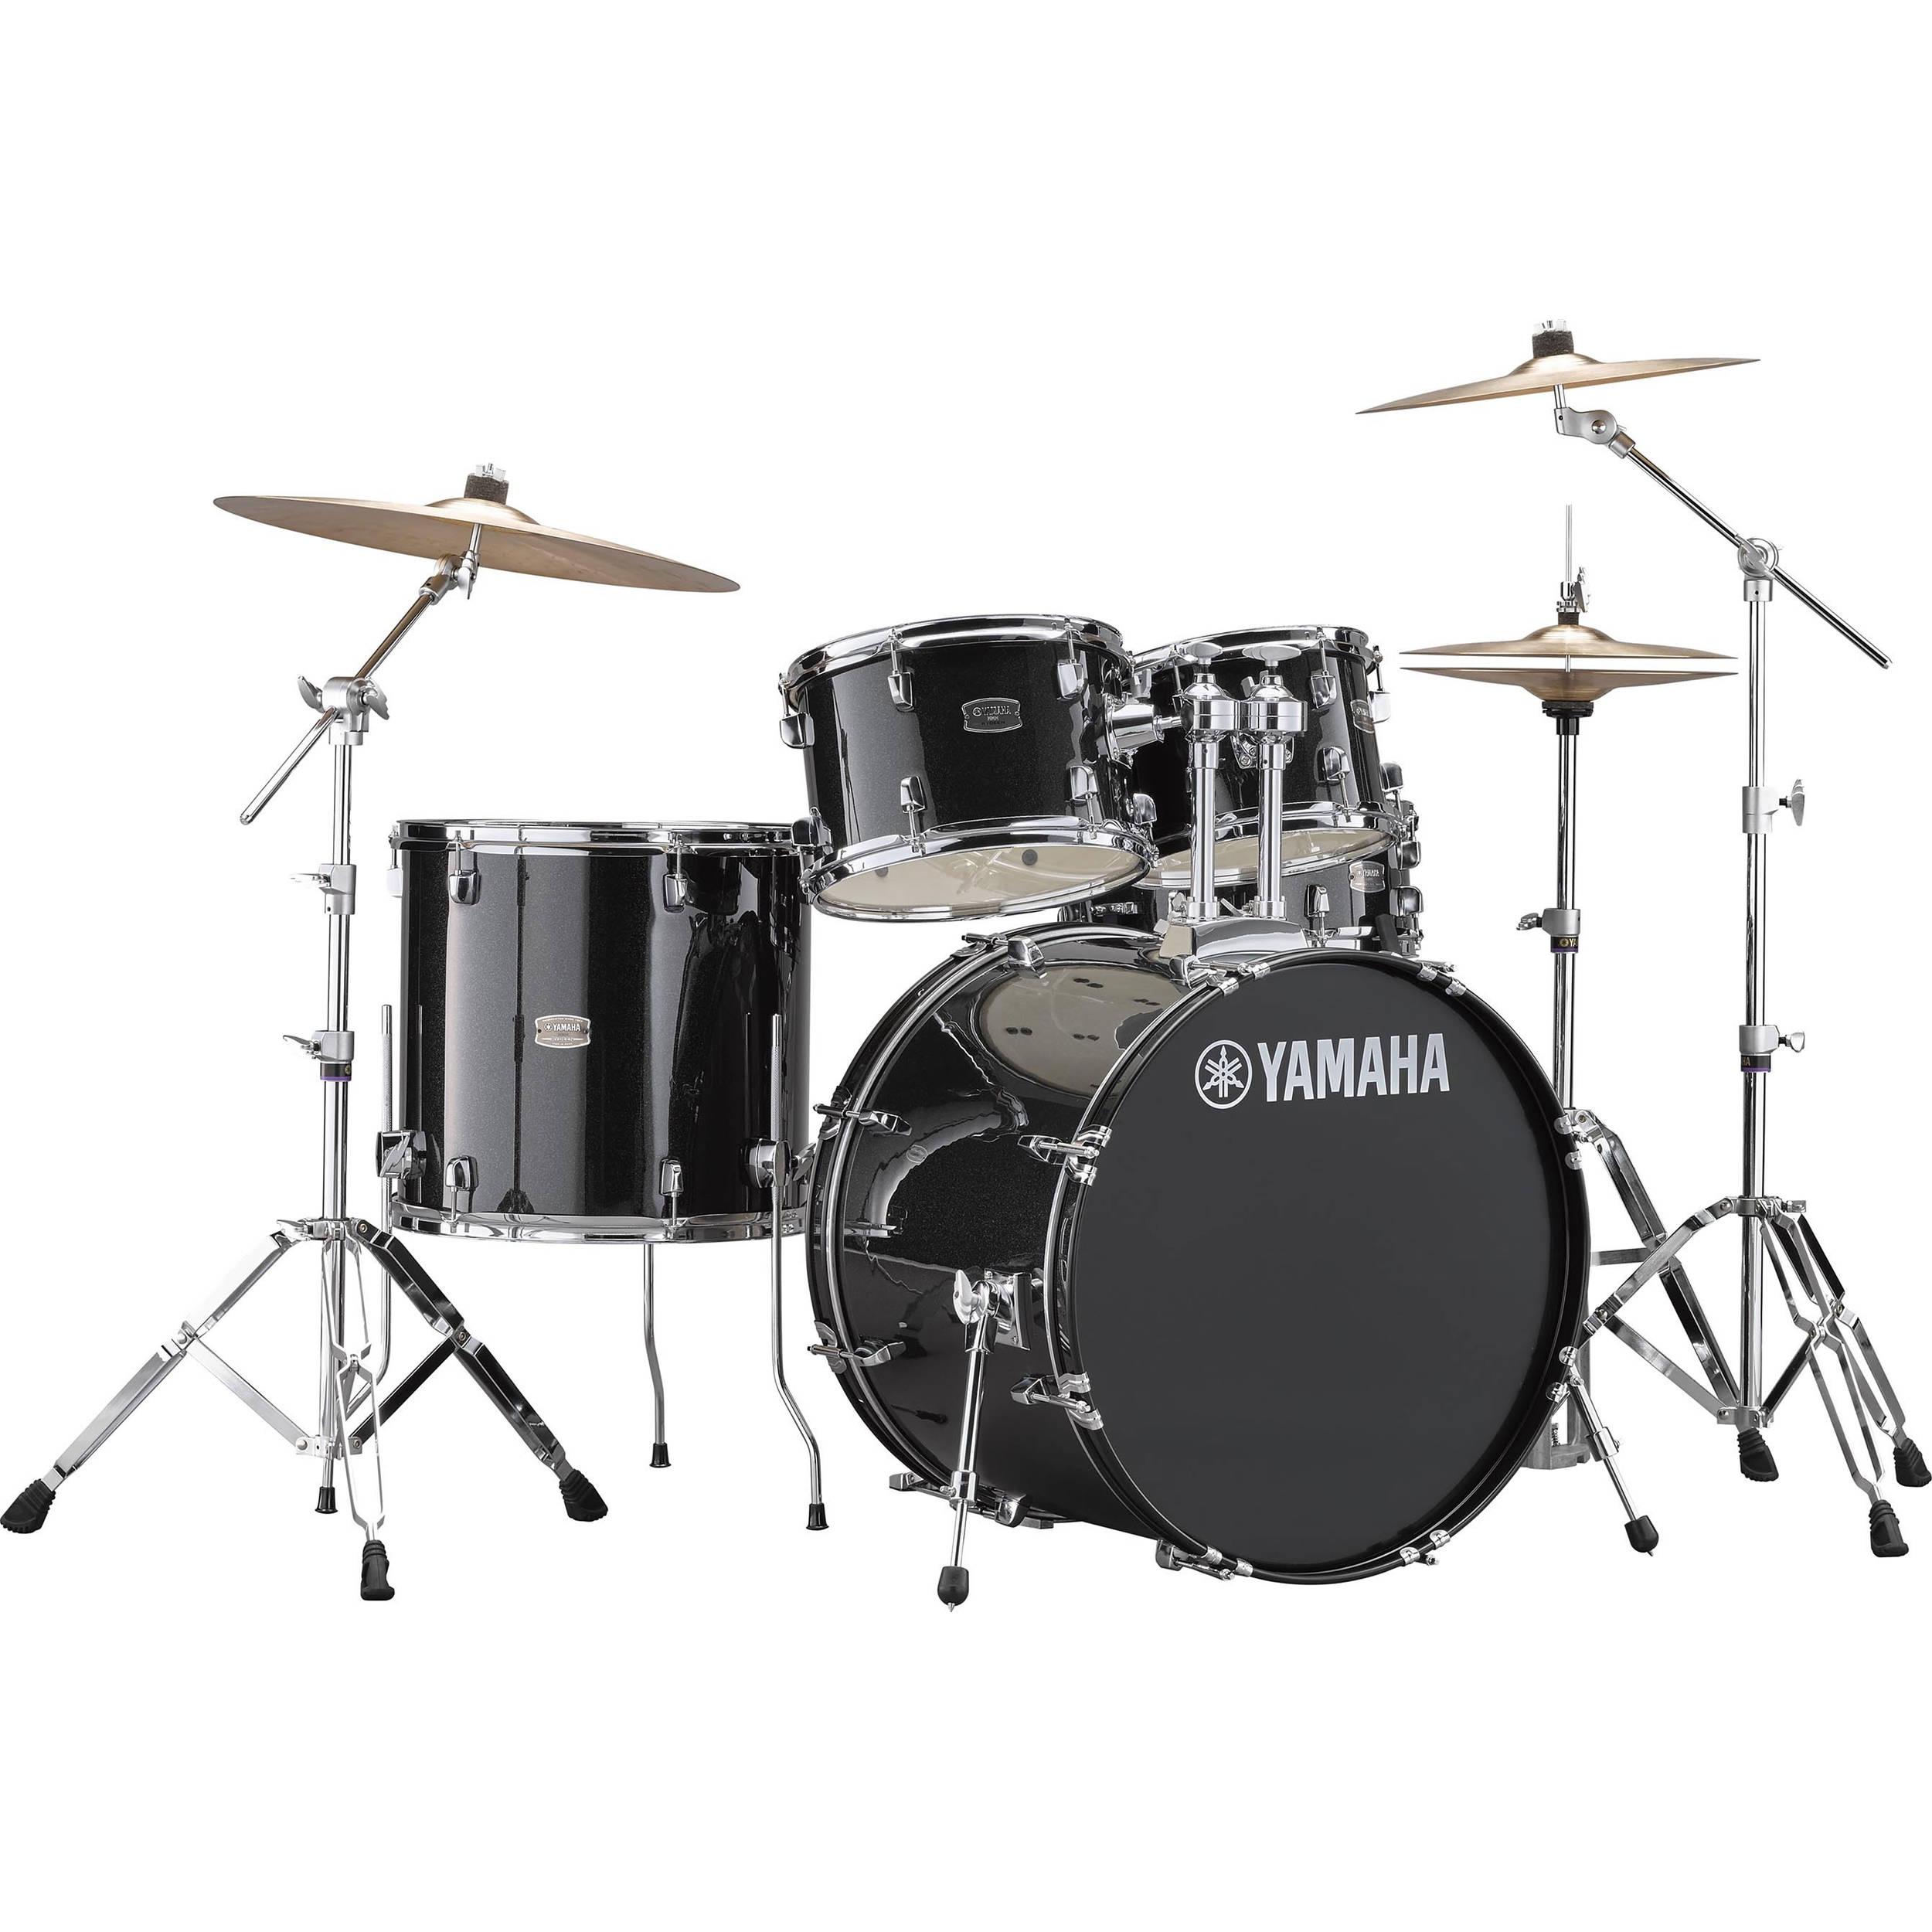 Yamaha Drum Accessories Parts : yamaha rdp2f5 rydeen drum kit black glitter rdp2f5blg b h ~ Vivirlamusica.com Haus und Dekorationen